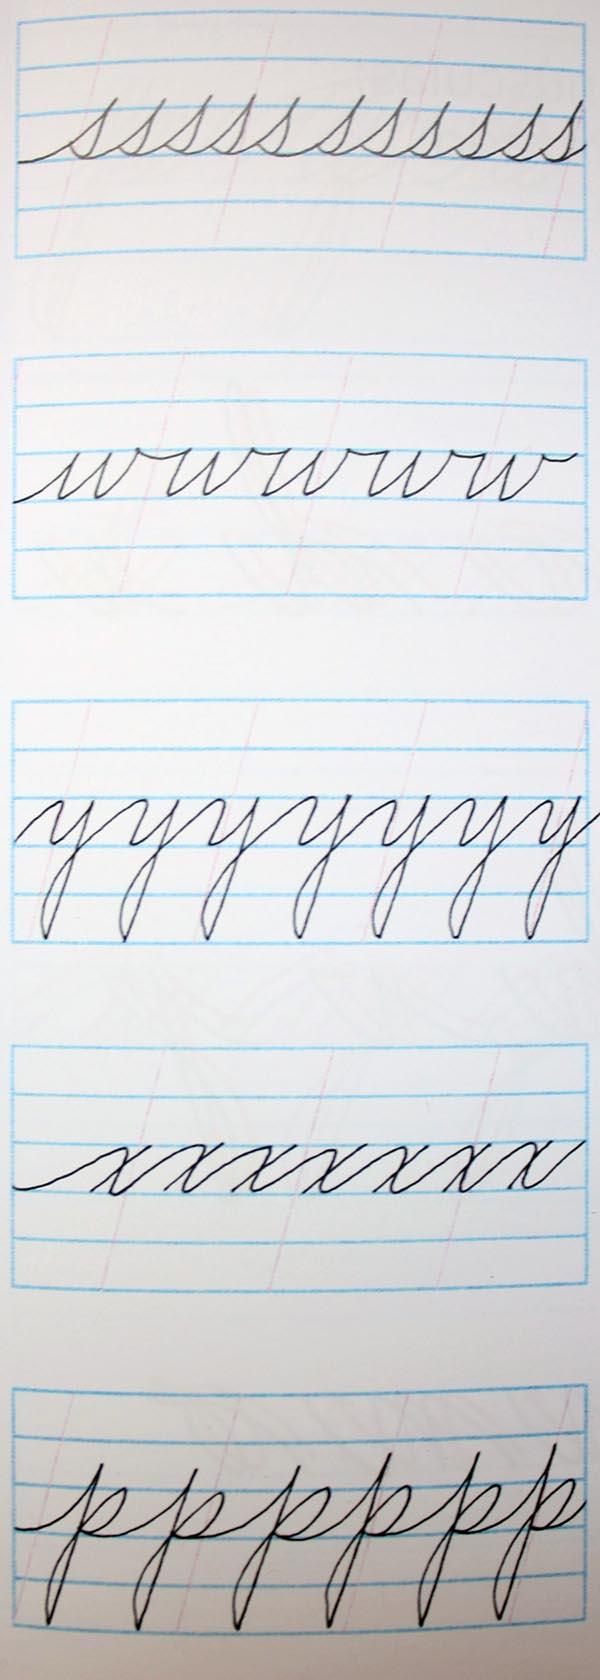 Ejercicios para mejorar caligrafía cursiva 5